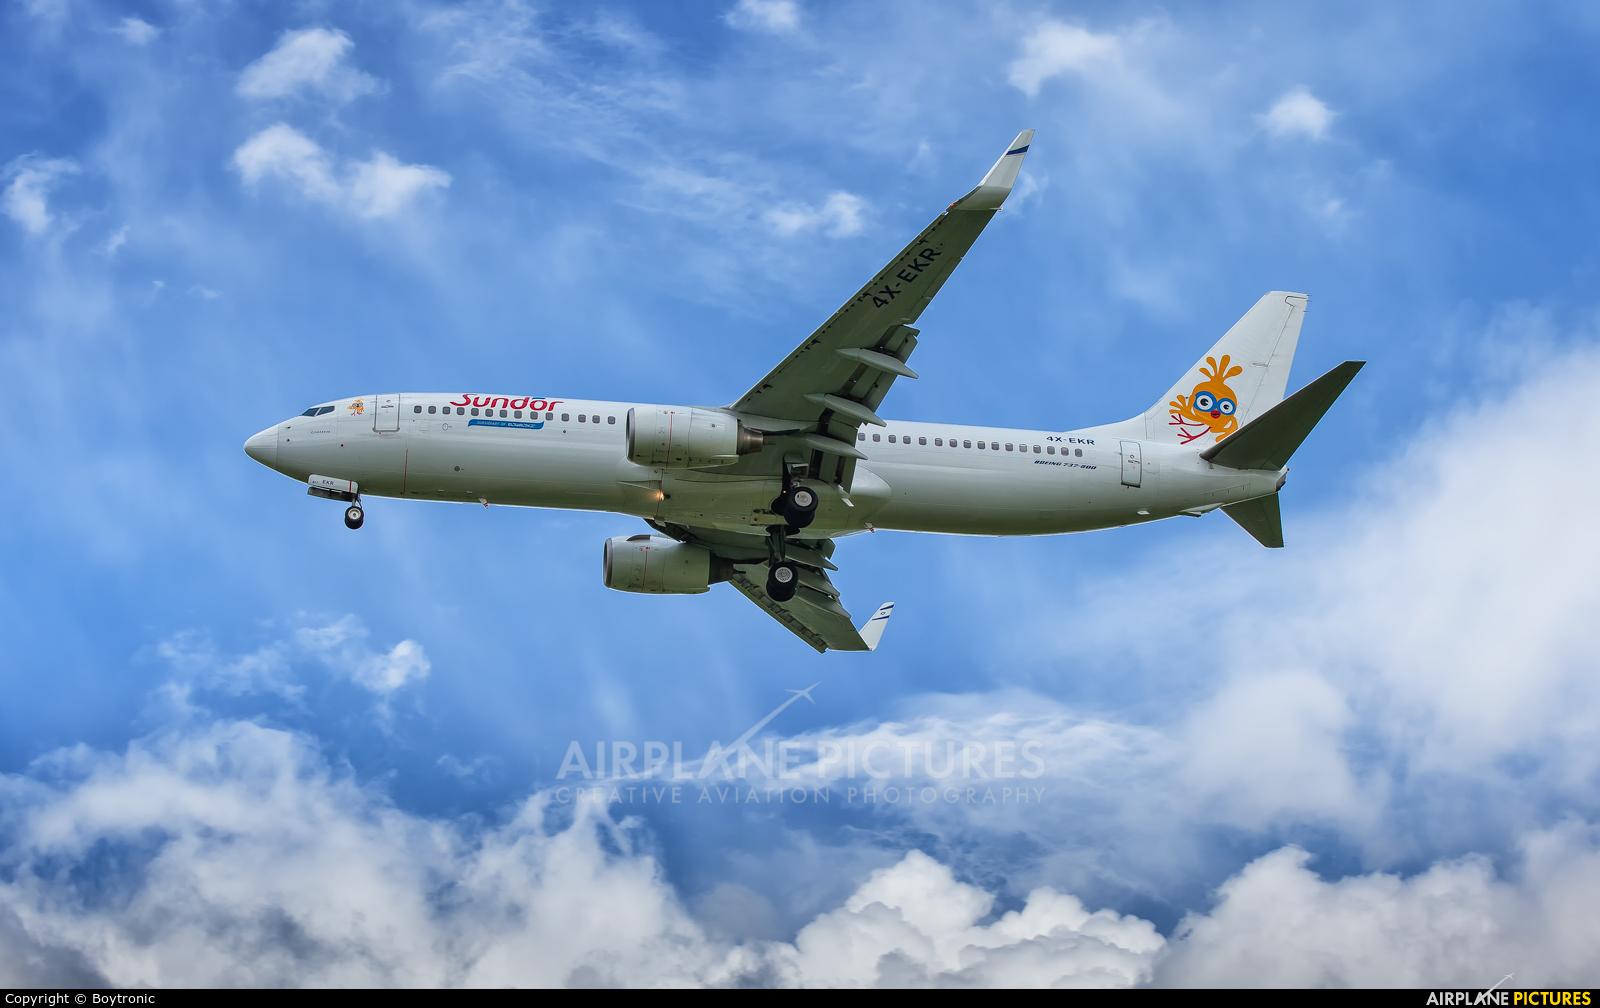 El Al Israel Airlines 4X-EKR aircraft at Zagreb